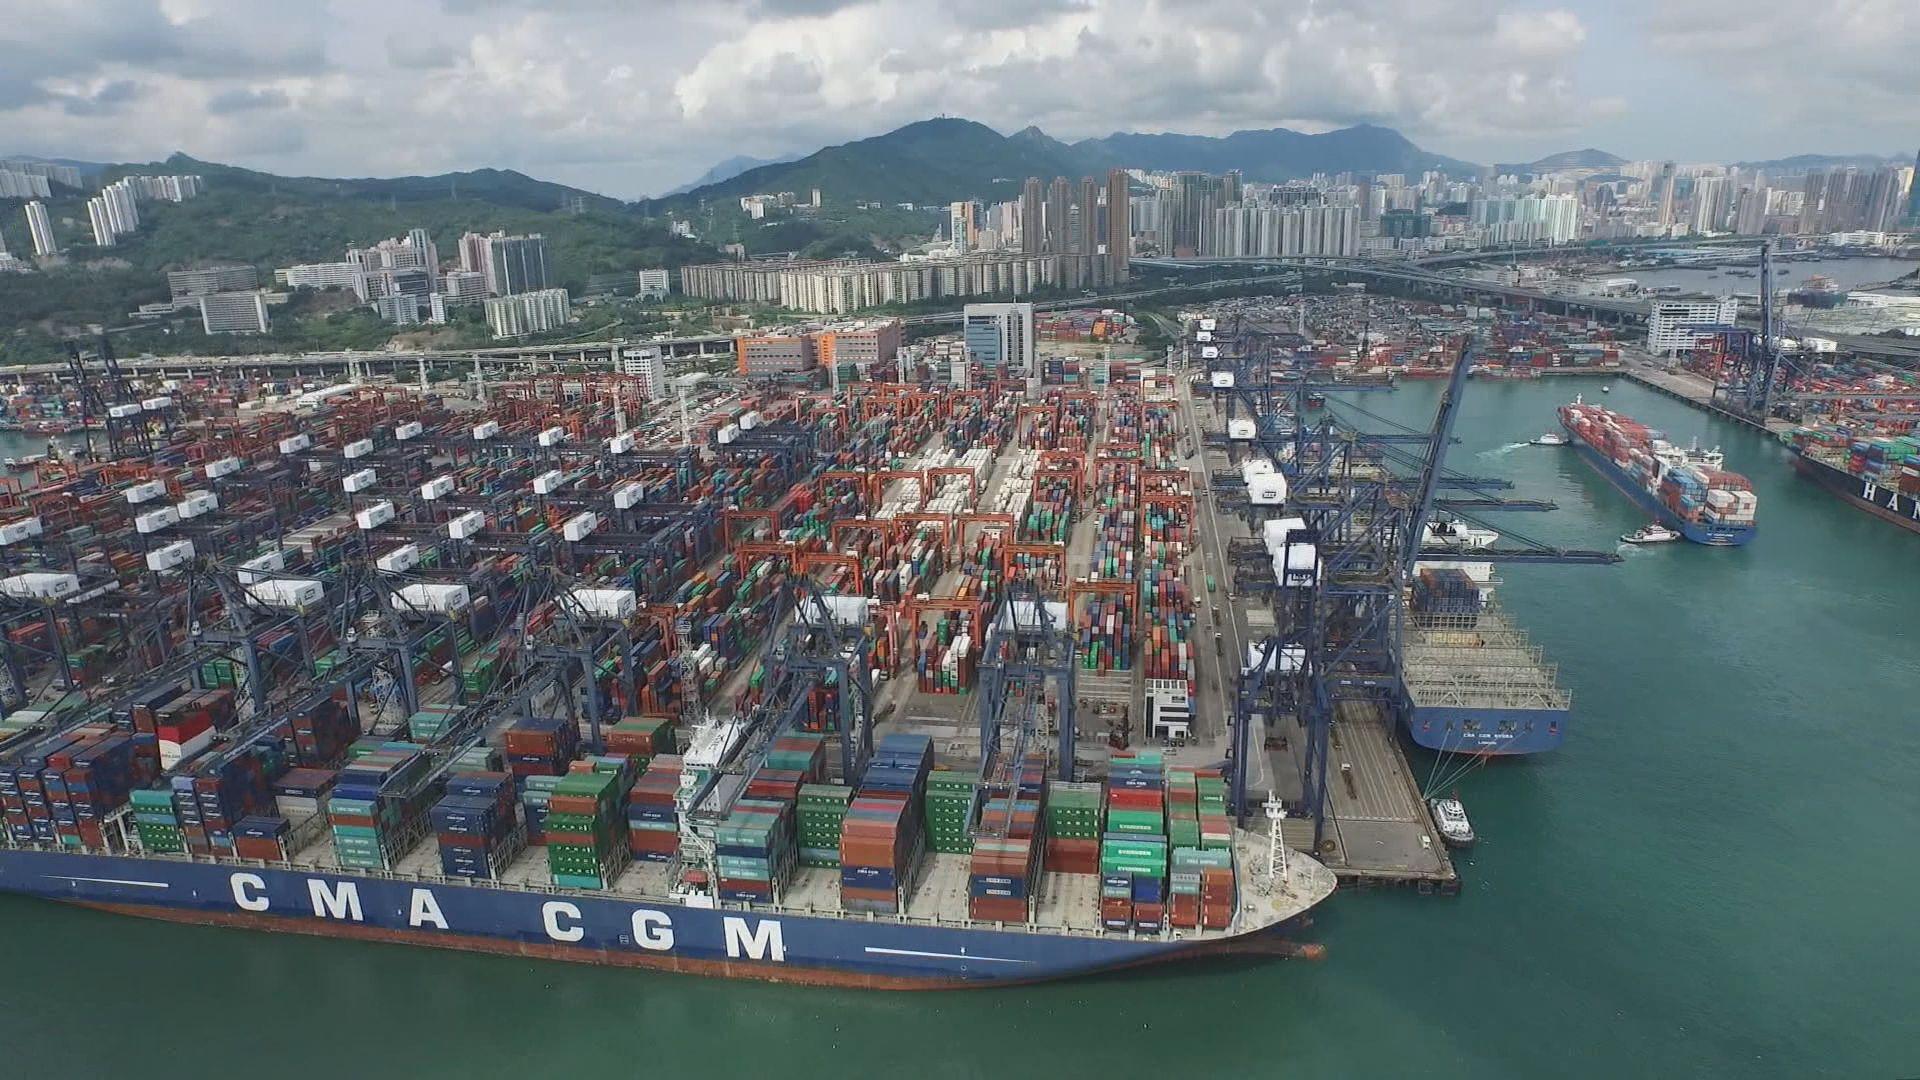 【中美貿戰】貿發局:港明年出口更閉翳